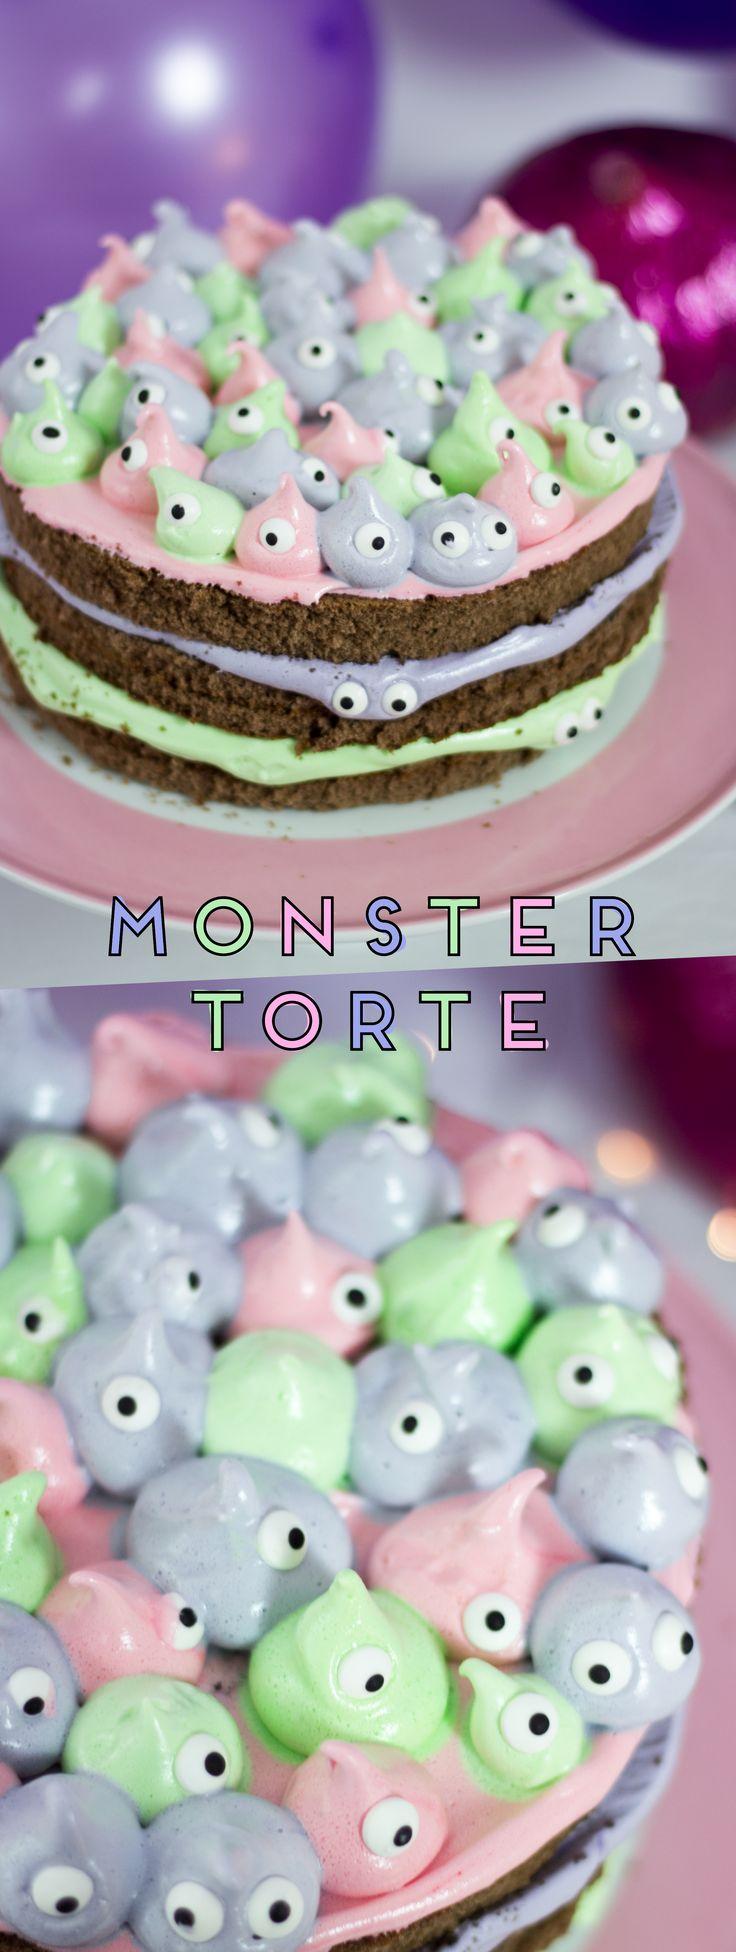 Rezept für eine Monstertorte mit Marshmallow-Frosting an Halloween, Geburtstagen oder Kinderfeiern